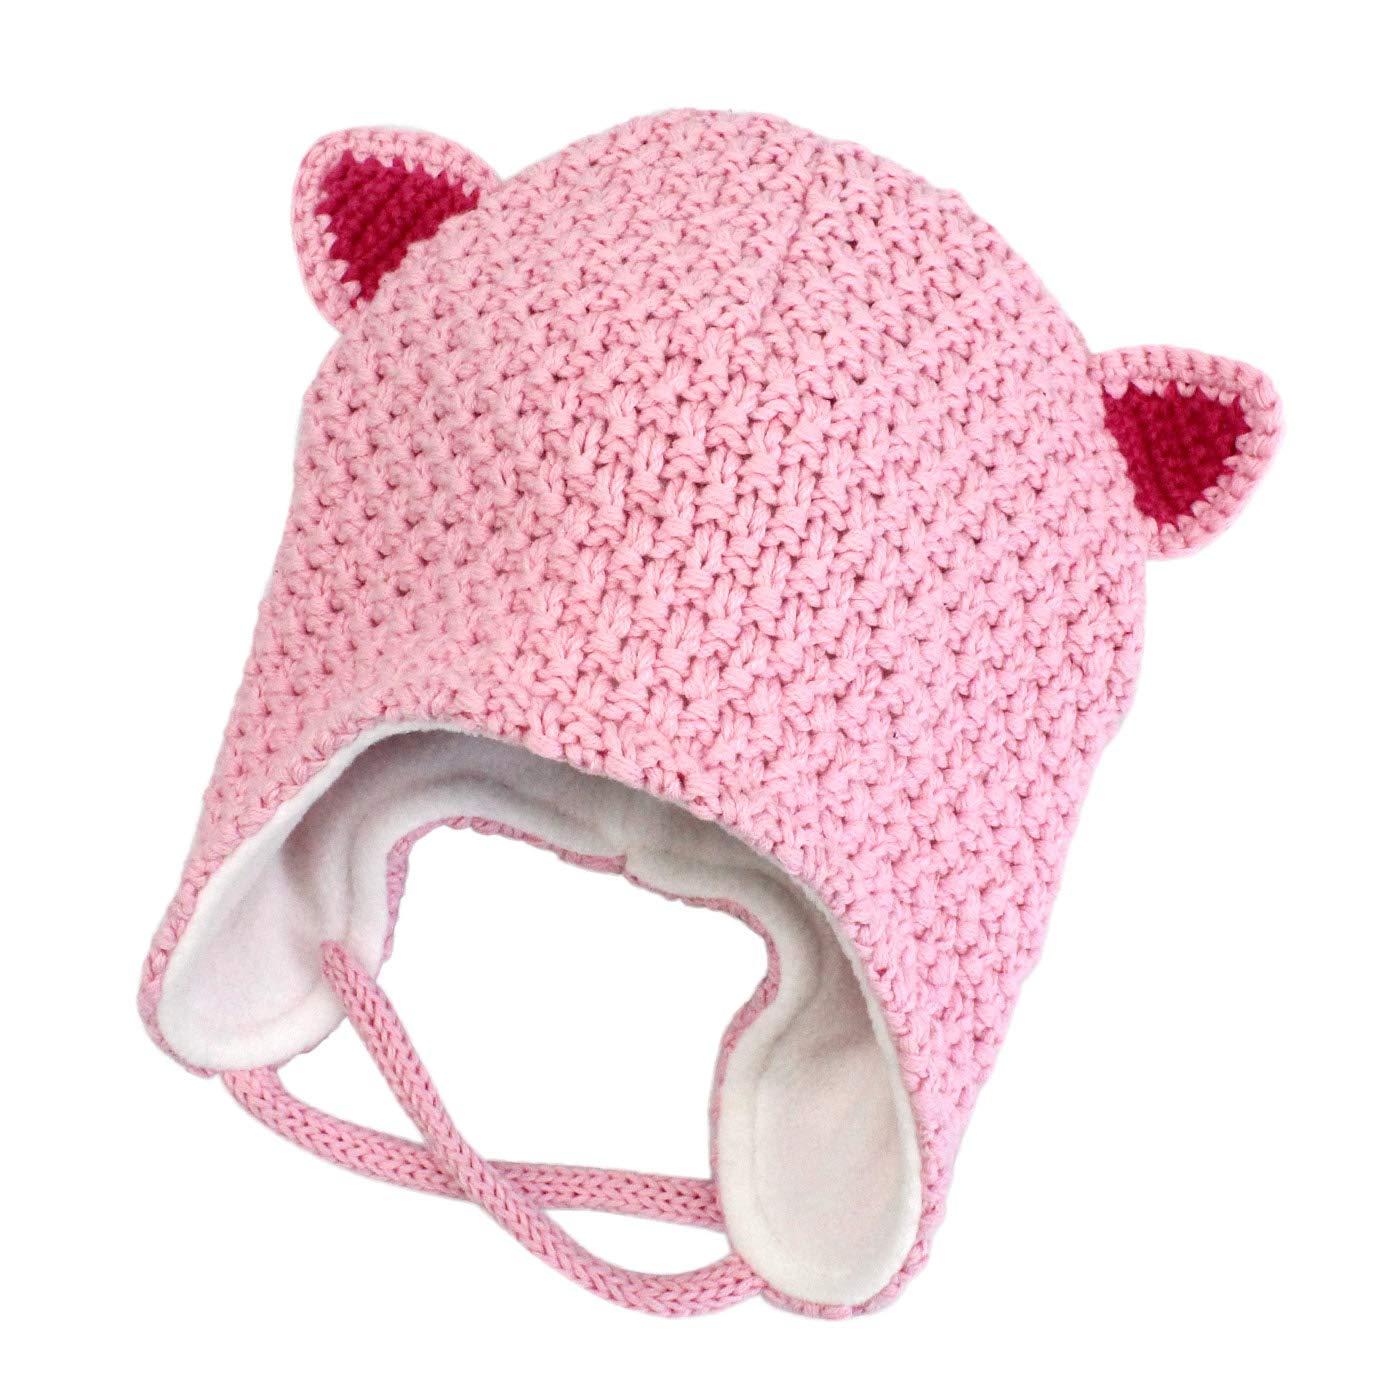 1d2cb045e8c2 Langzhen Bébé Bonnet Enfants Protection Oreille Chapeau d hiver Doux Chaud  Bonnet Tricoté Agrandir l image